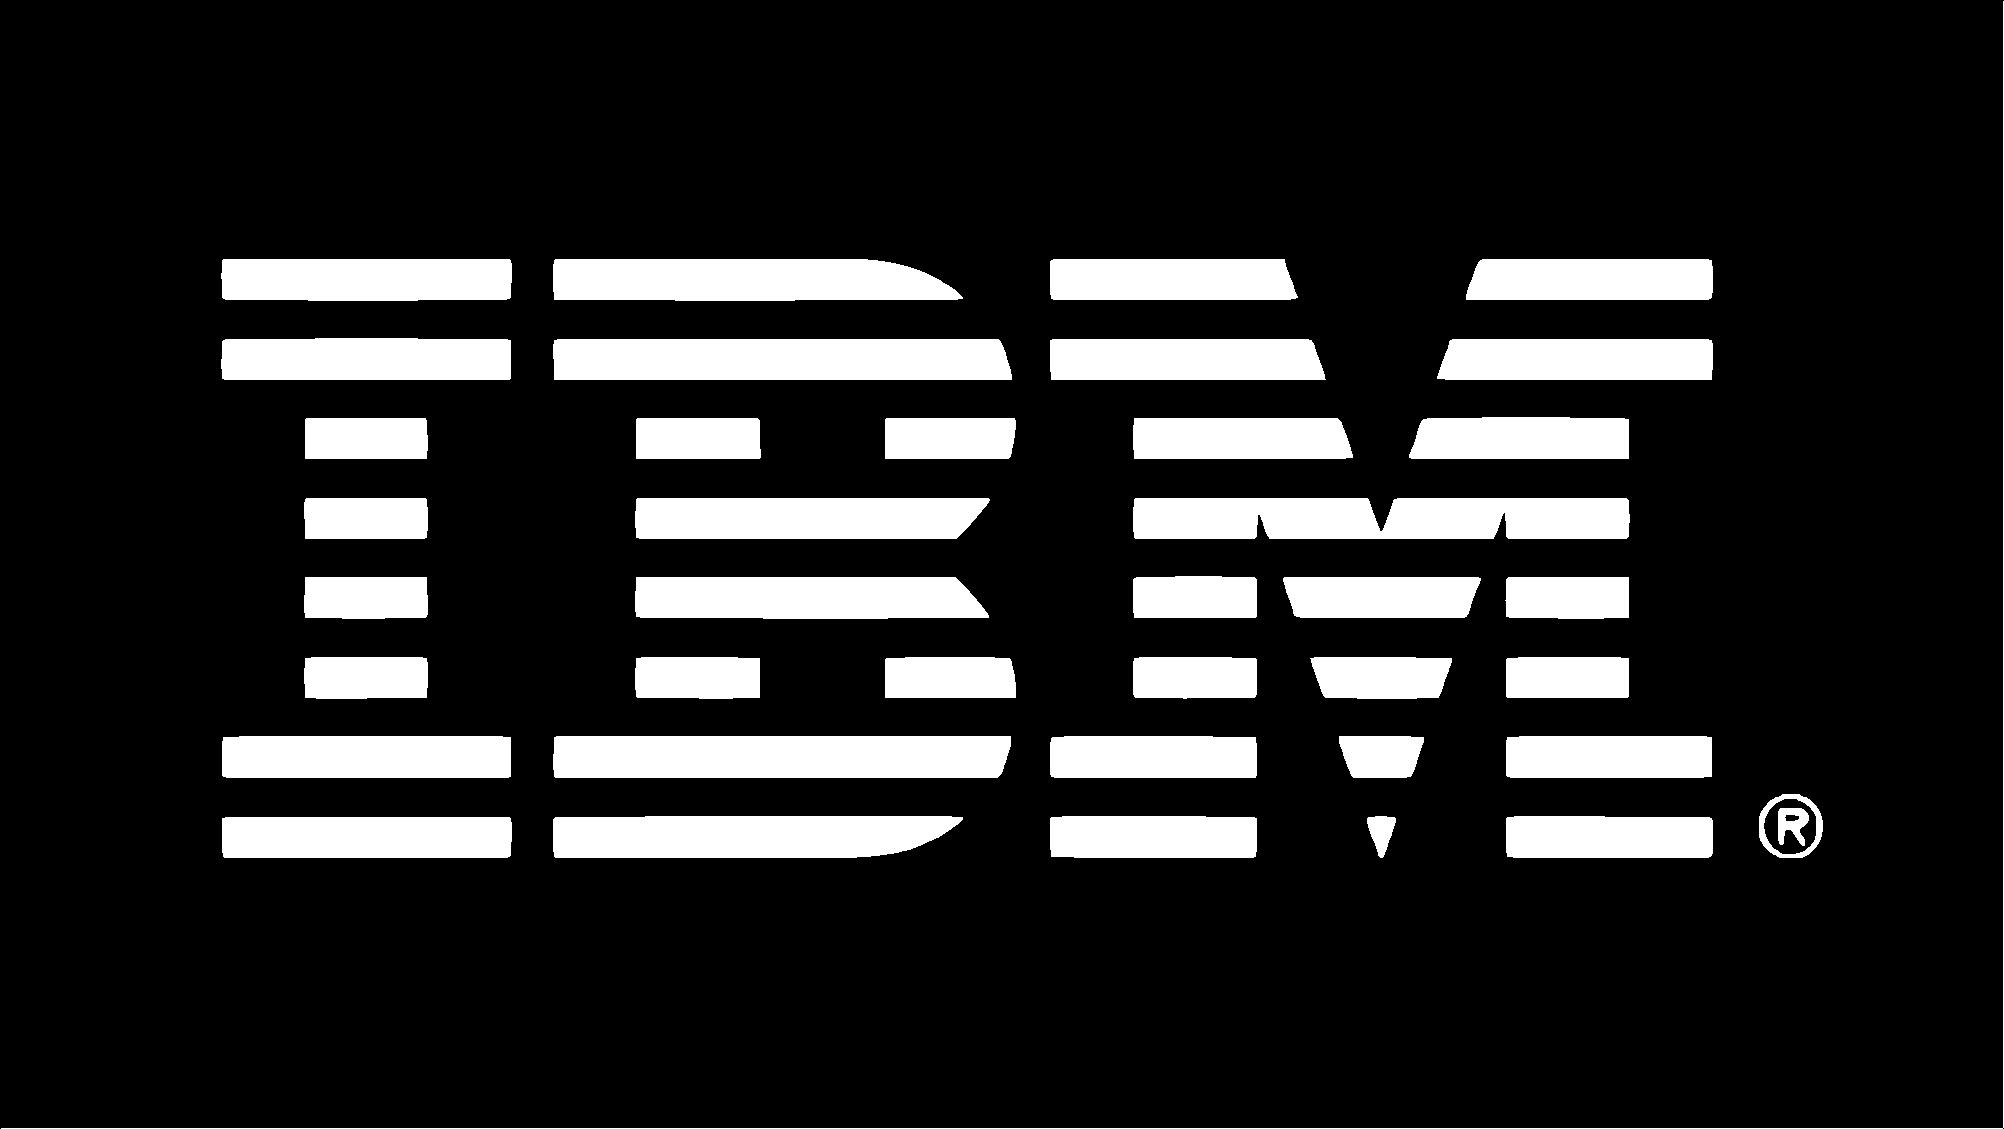 ibm_logo_white